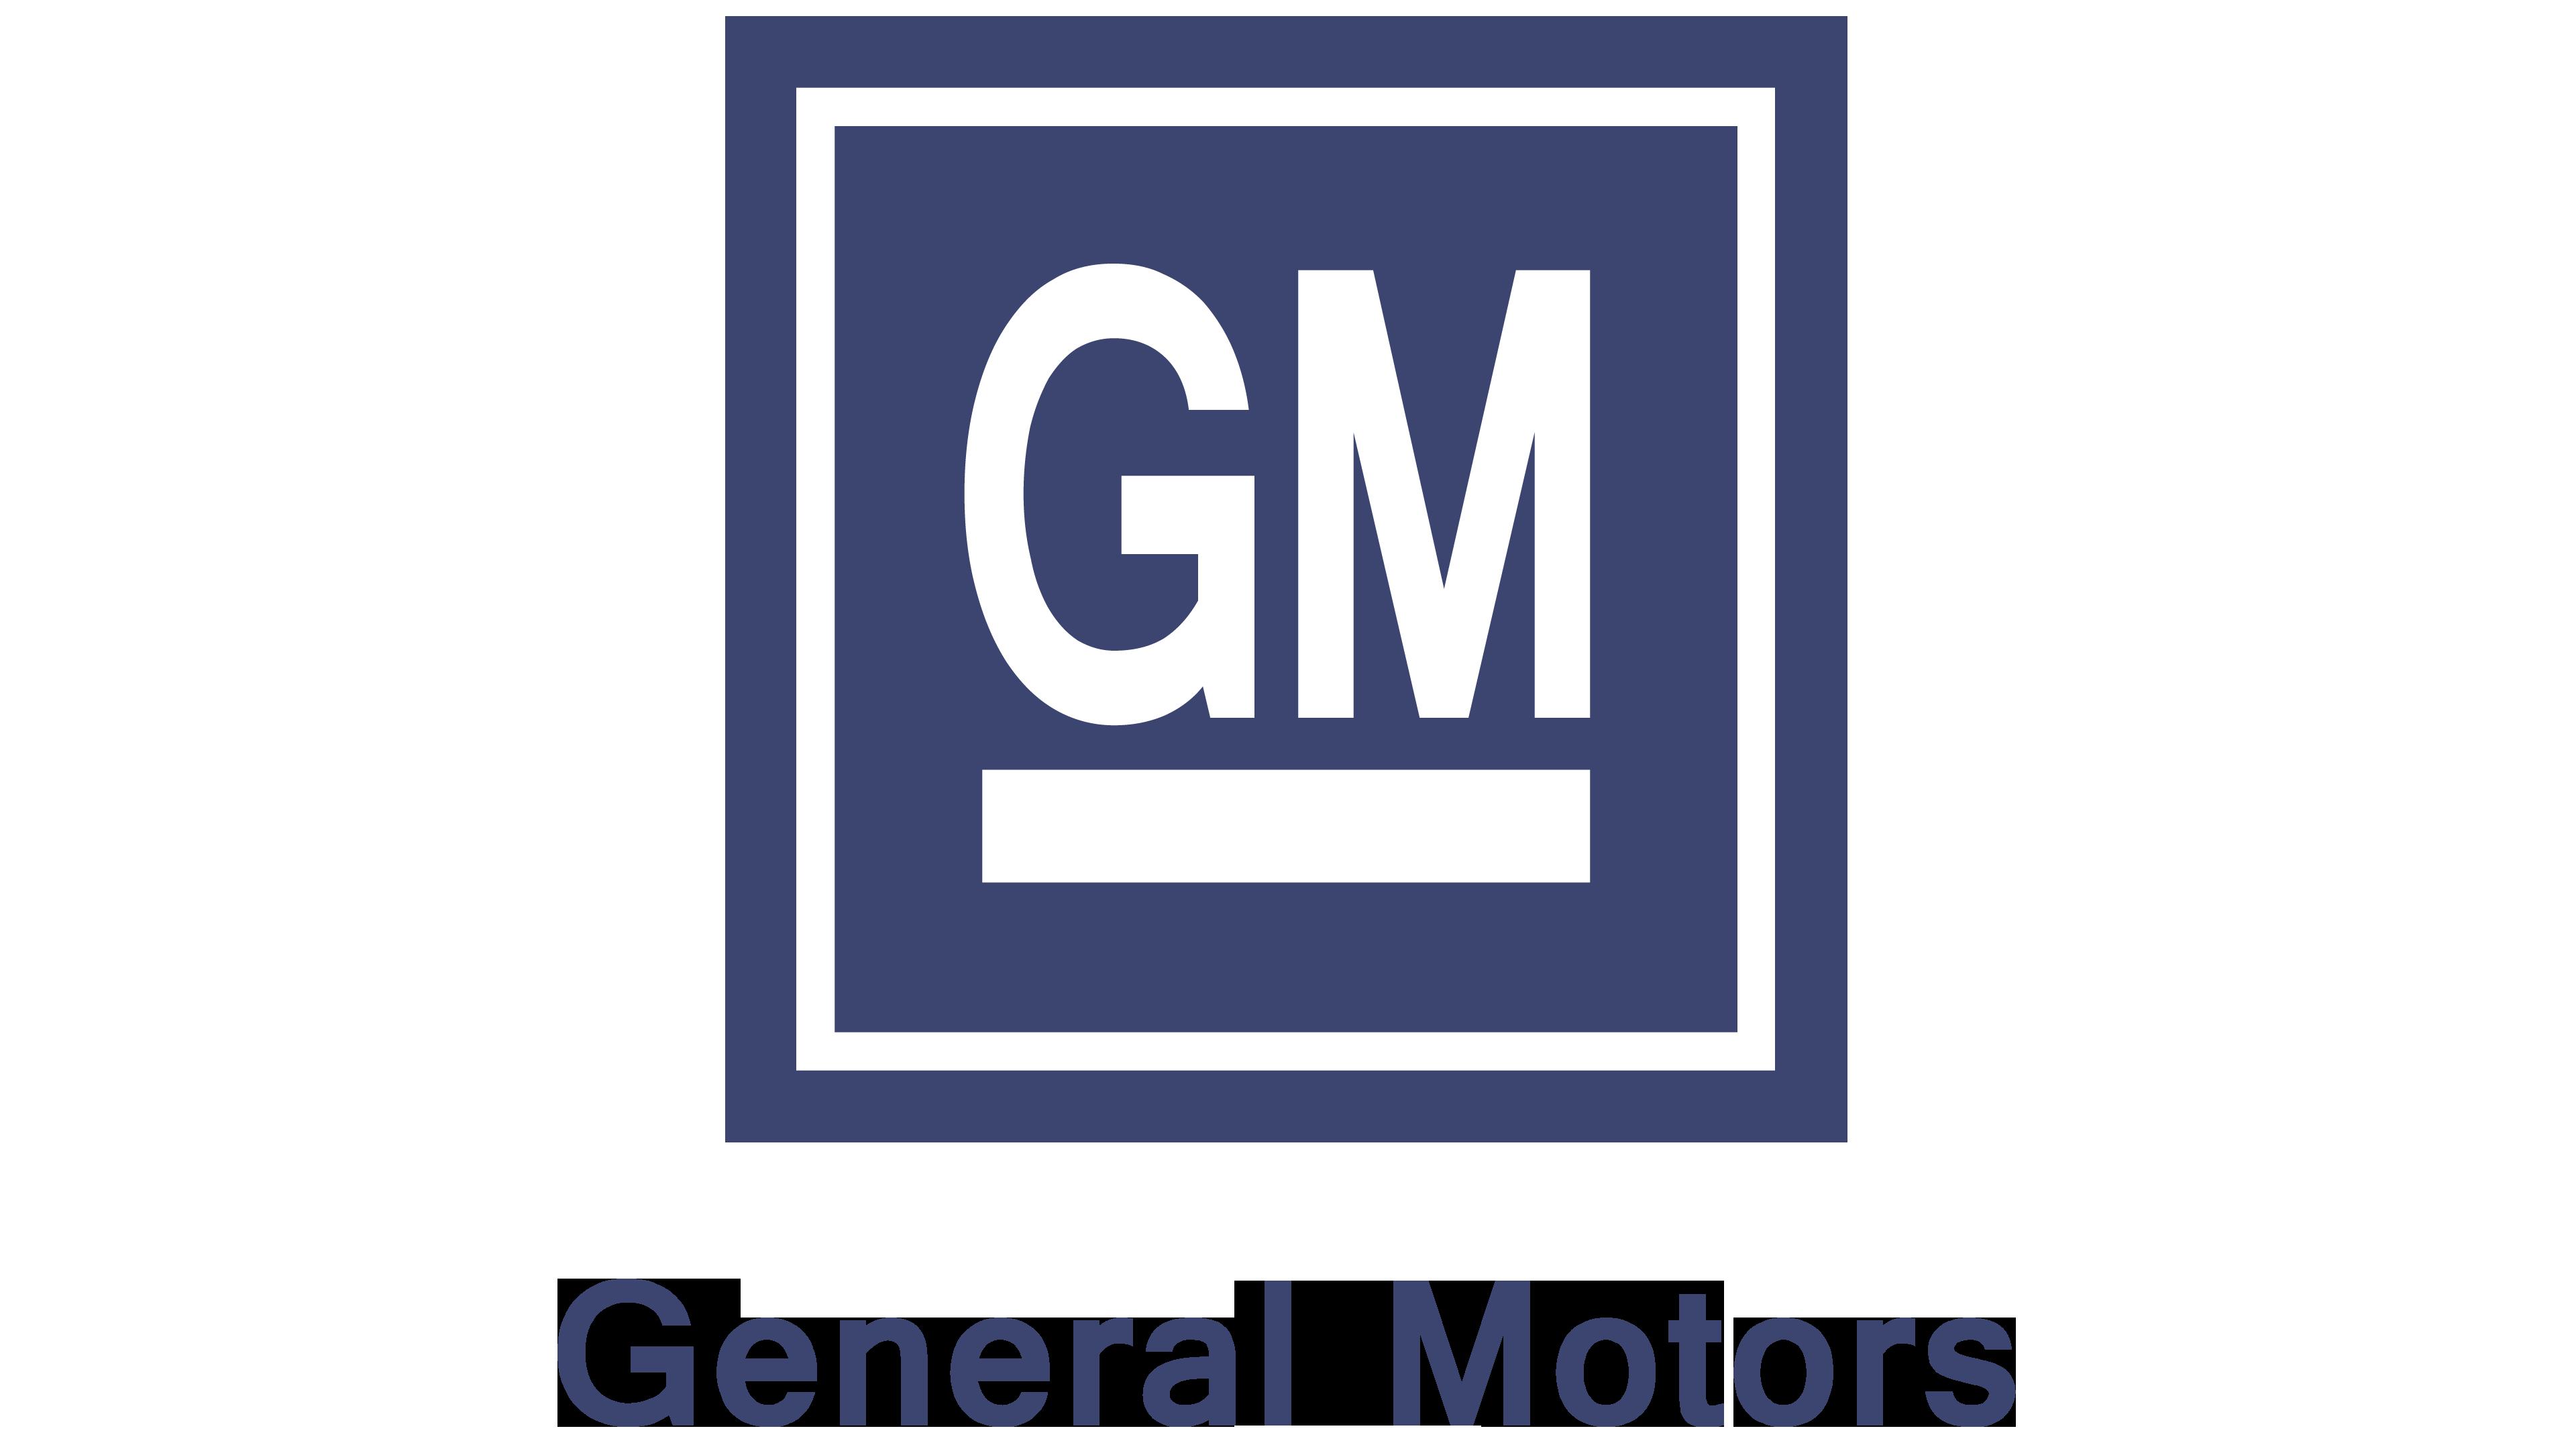 Gm General Motors Logos